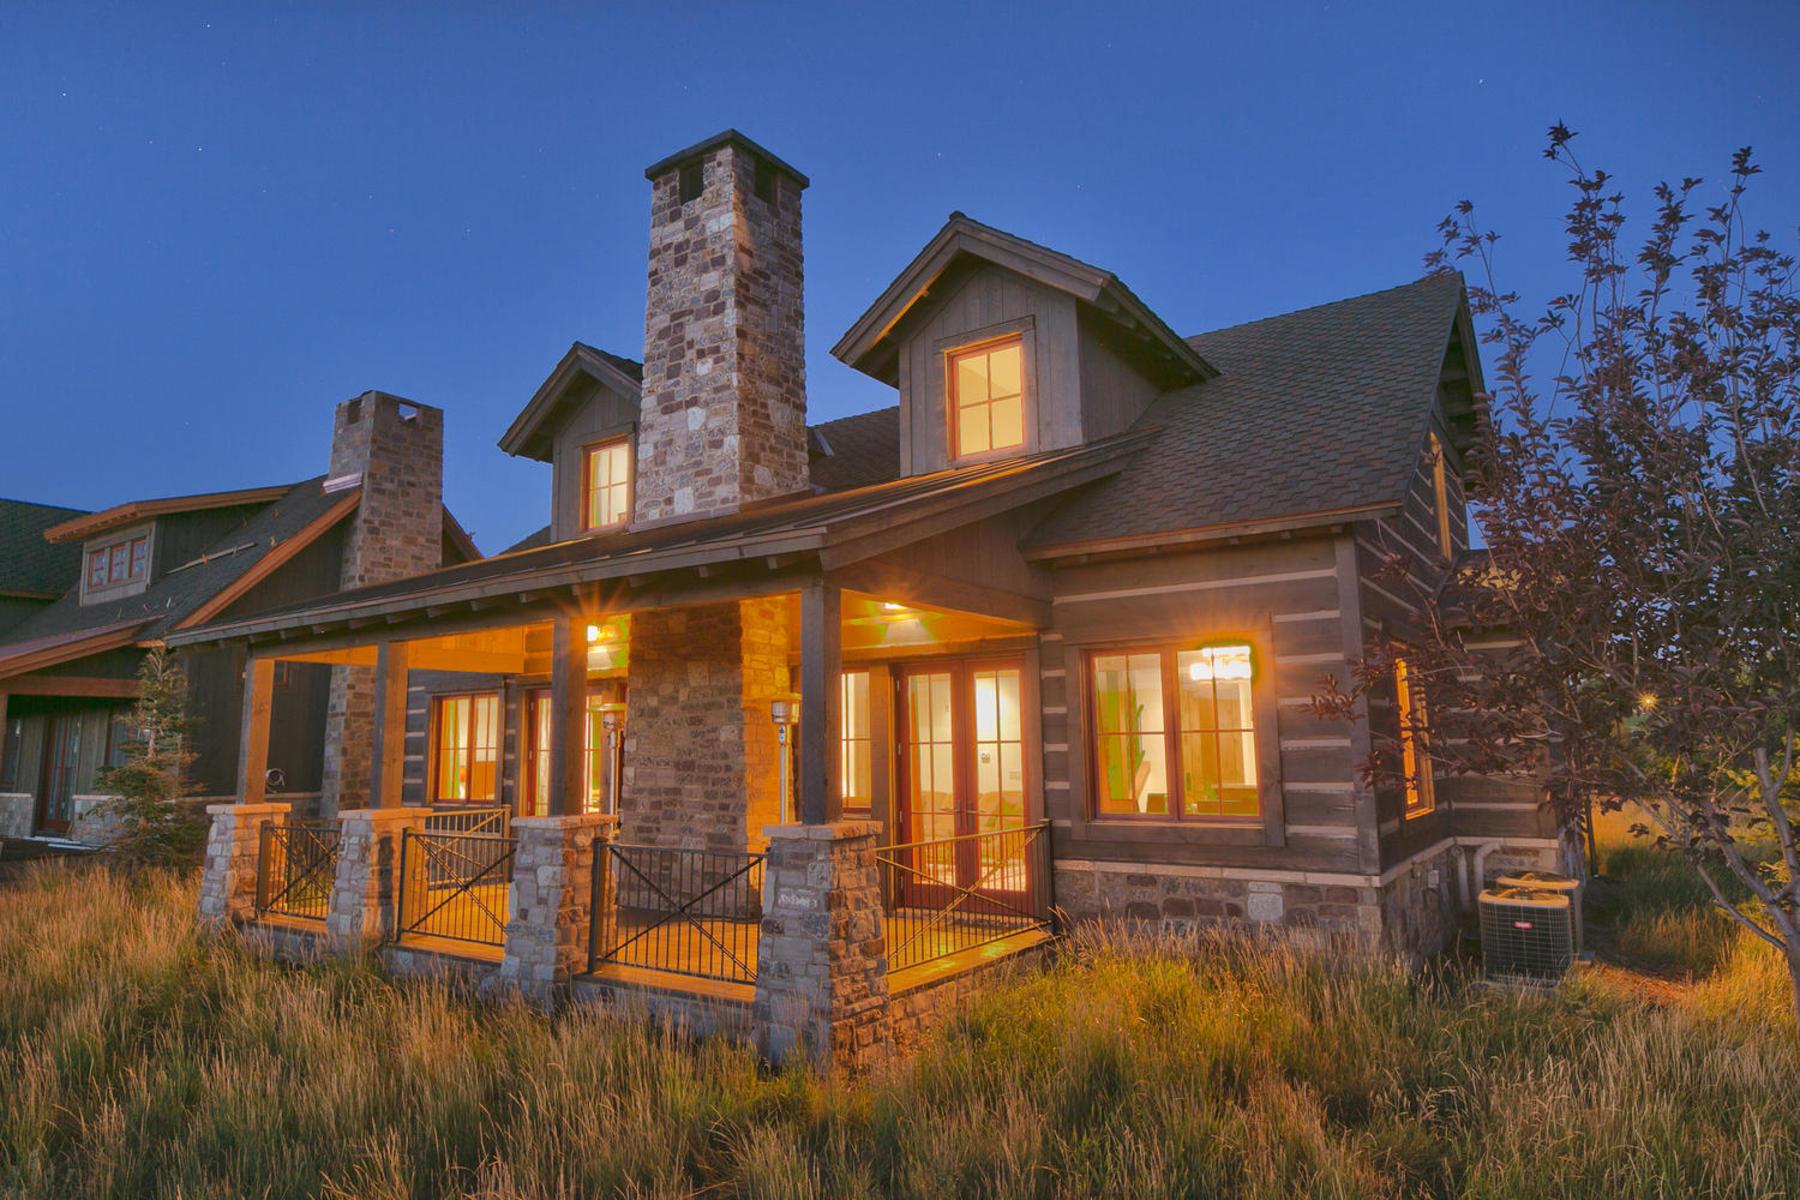 Частный односемейный дом для того Продажа на Furnished Cabin with Deer Valley and Park City Views 8216 Western Sky Park City, Юта 84098 Соединенные Штаты